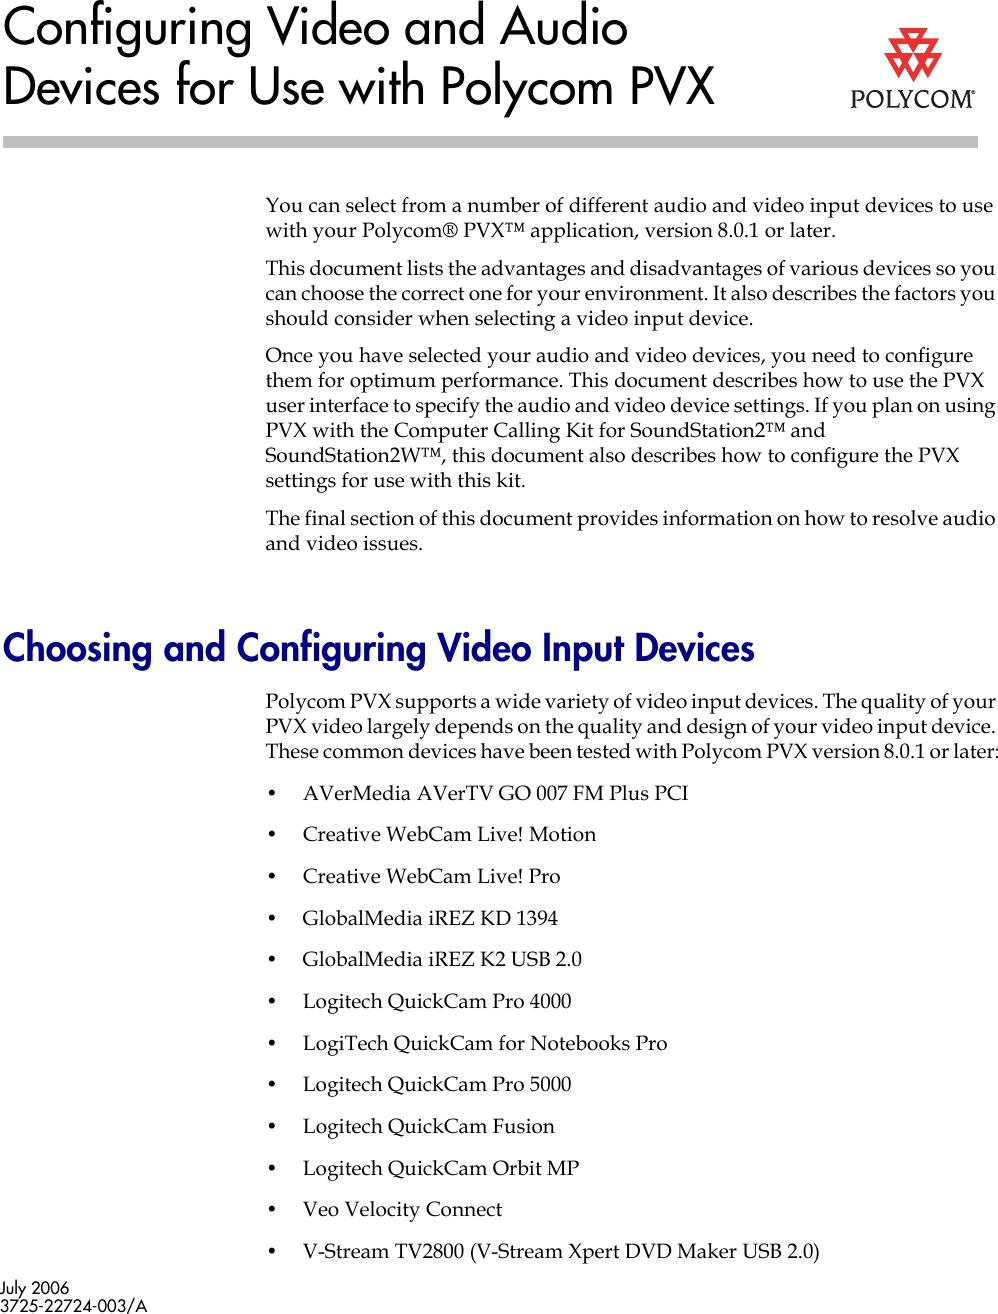 LOGITECH QUICKCAM 9.0.2 TREIBER WINDOWS 8